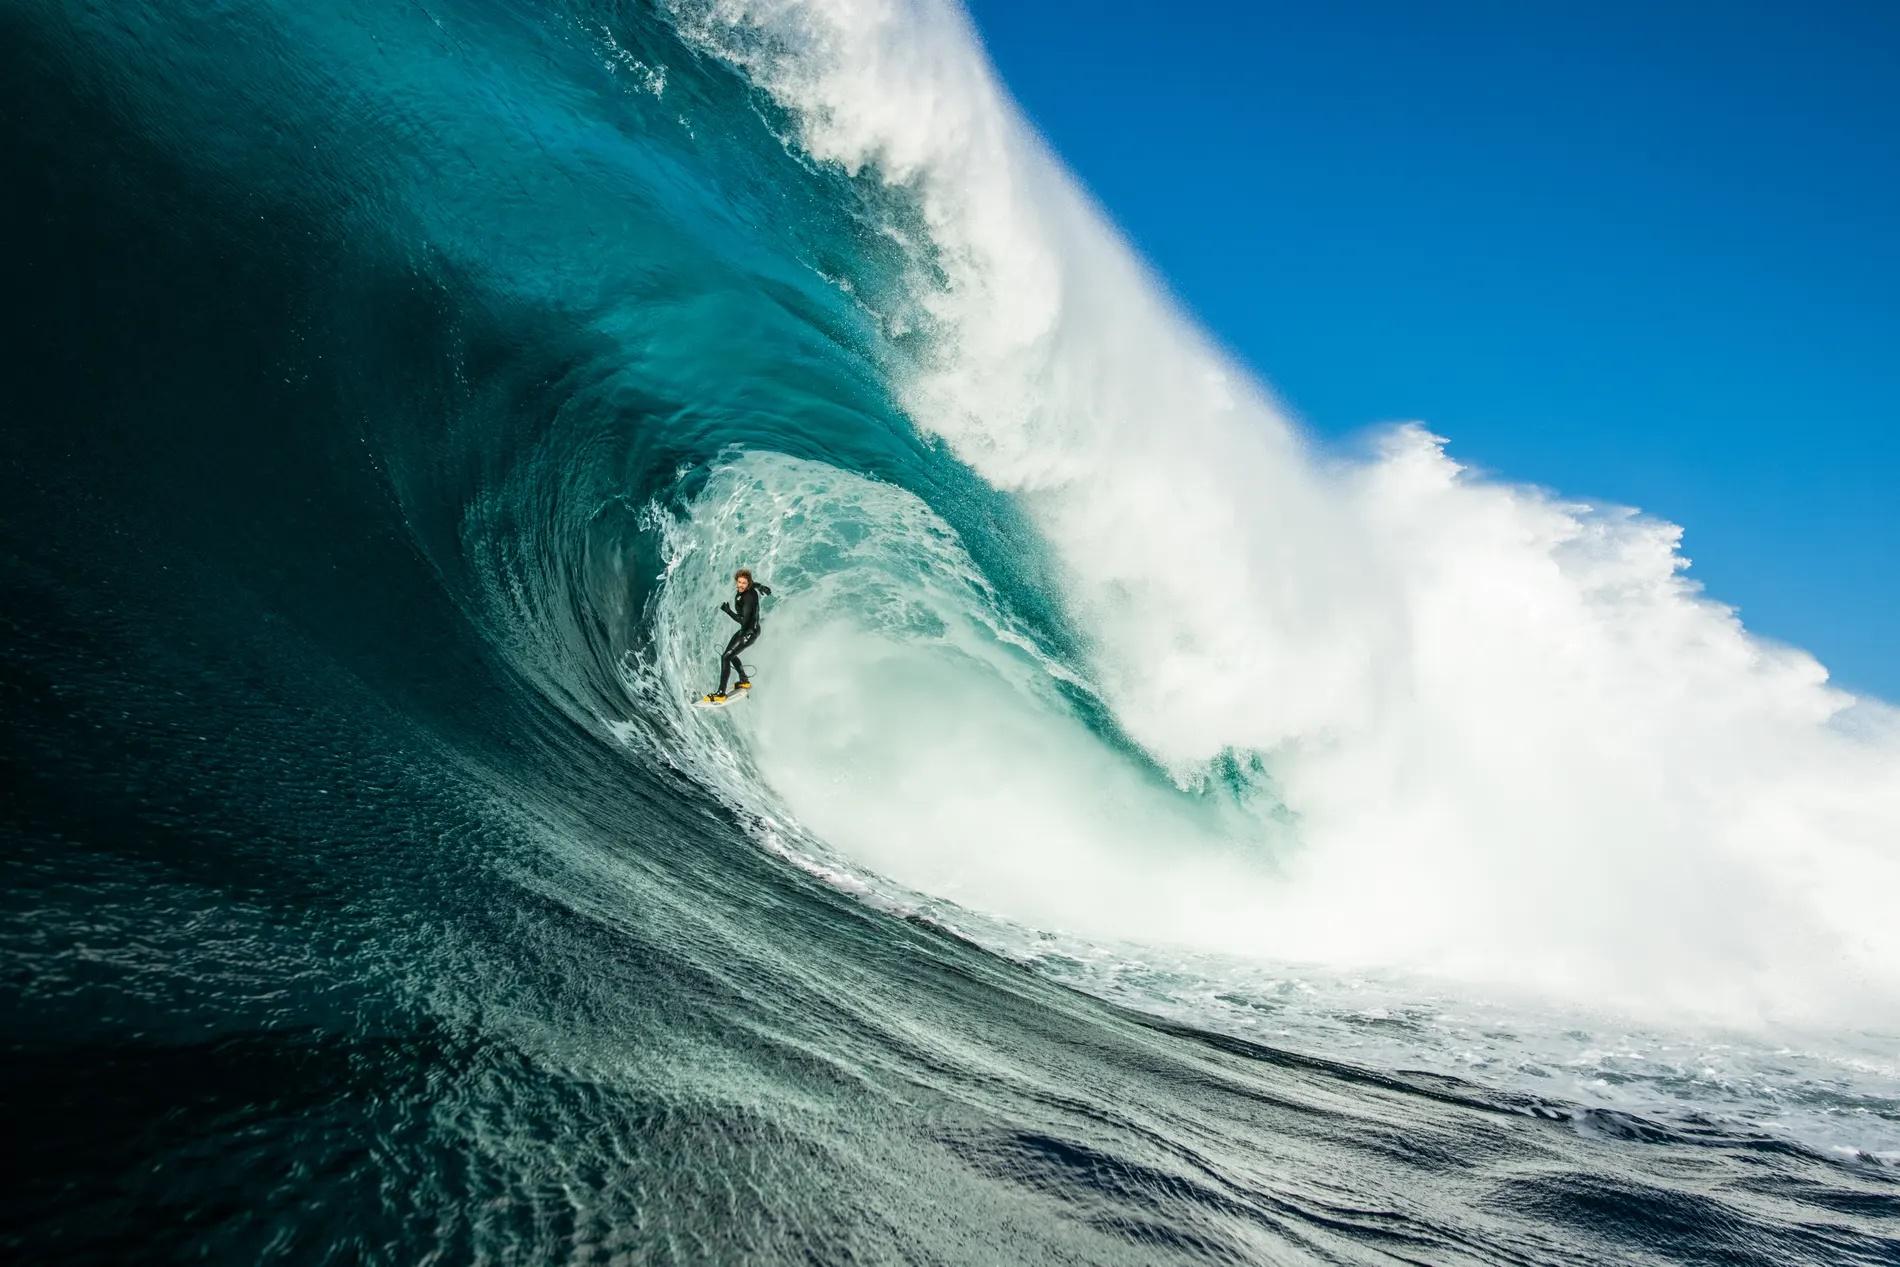 «Ελεύθερη Πτώση». Αυτή η εκπληκτική φωτογραφία του σέρφερ Τάιλερ Χόλμερ Κρος κυριολεκτικά να πετάει κάτω από ένα τεράστιο κύμα σε μια παραλία της Τασμανίας κέρδισε το πρώτο βραβείο του διαγωνισμού